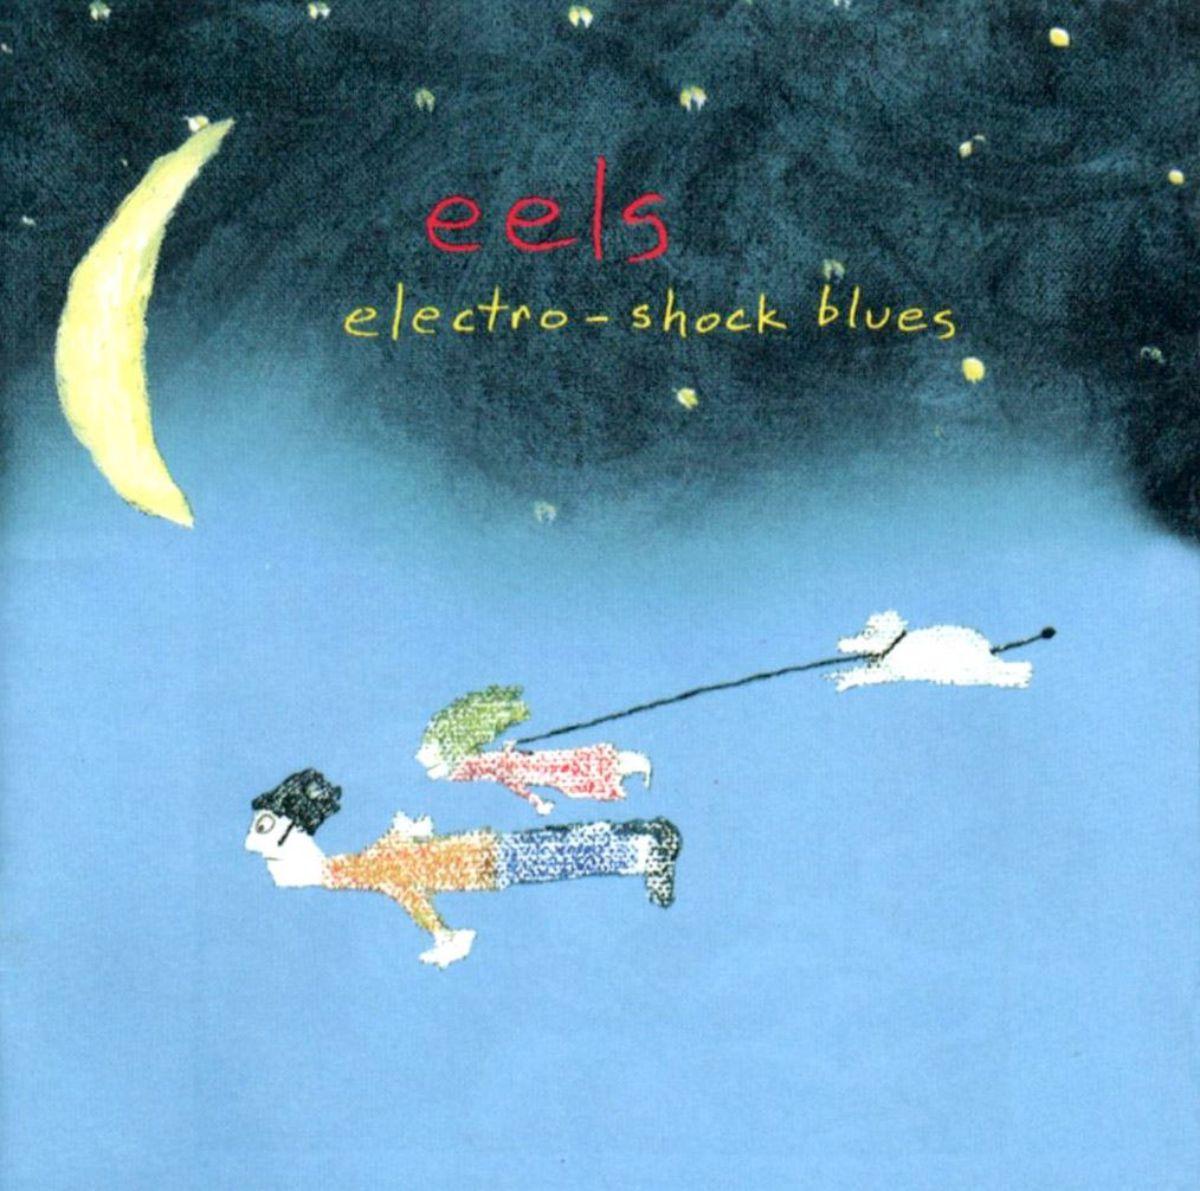 La portada de Eels invita a soñar. Foto: Facebook.